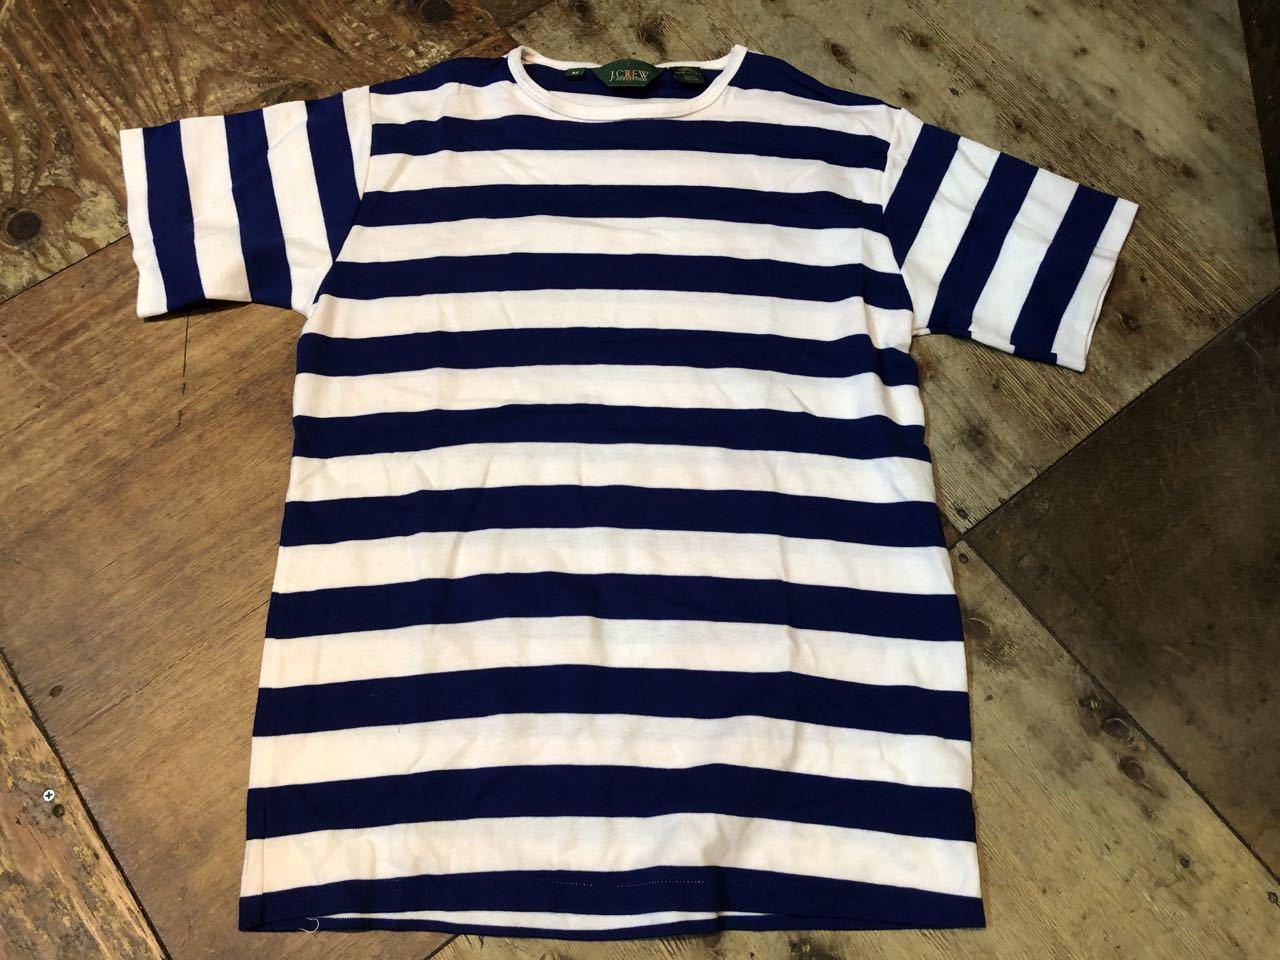 90s アメリカ製  J. CREW  J.クルー ボーダーTシャツ!_c0144020_14081820.jpg